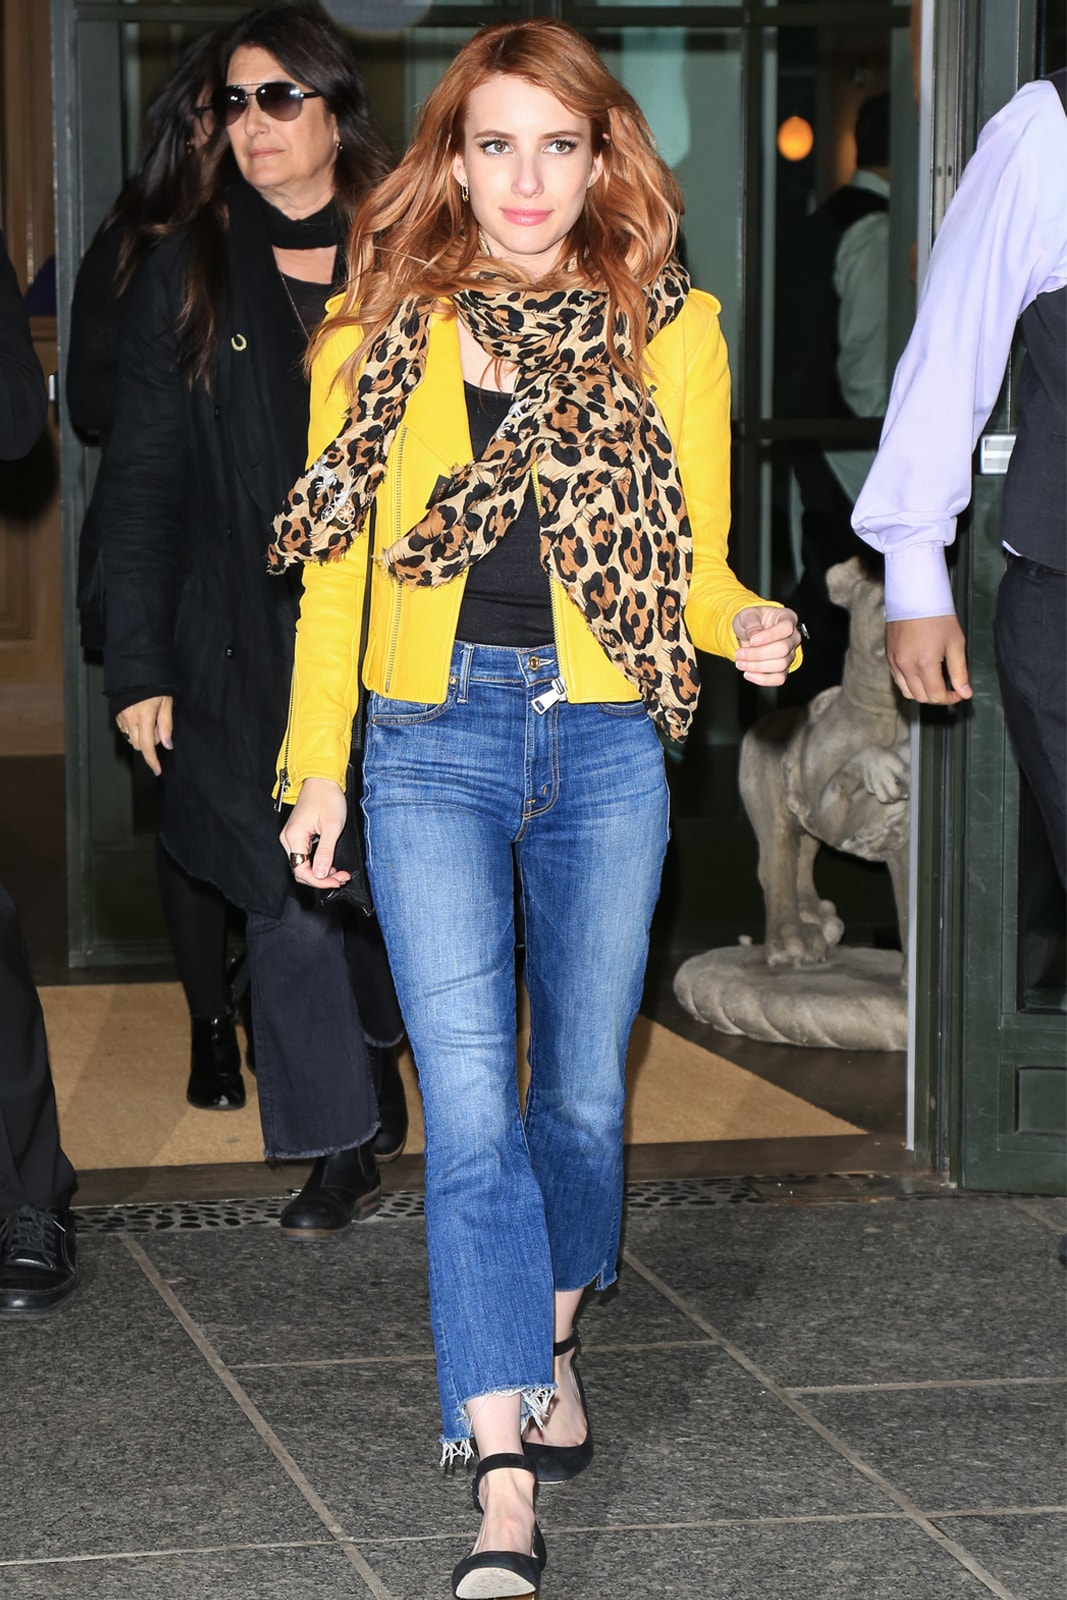 Tampil Fresh dan Chic dengan Warna Kuning, Ini Tipsnya!